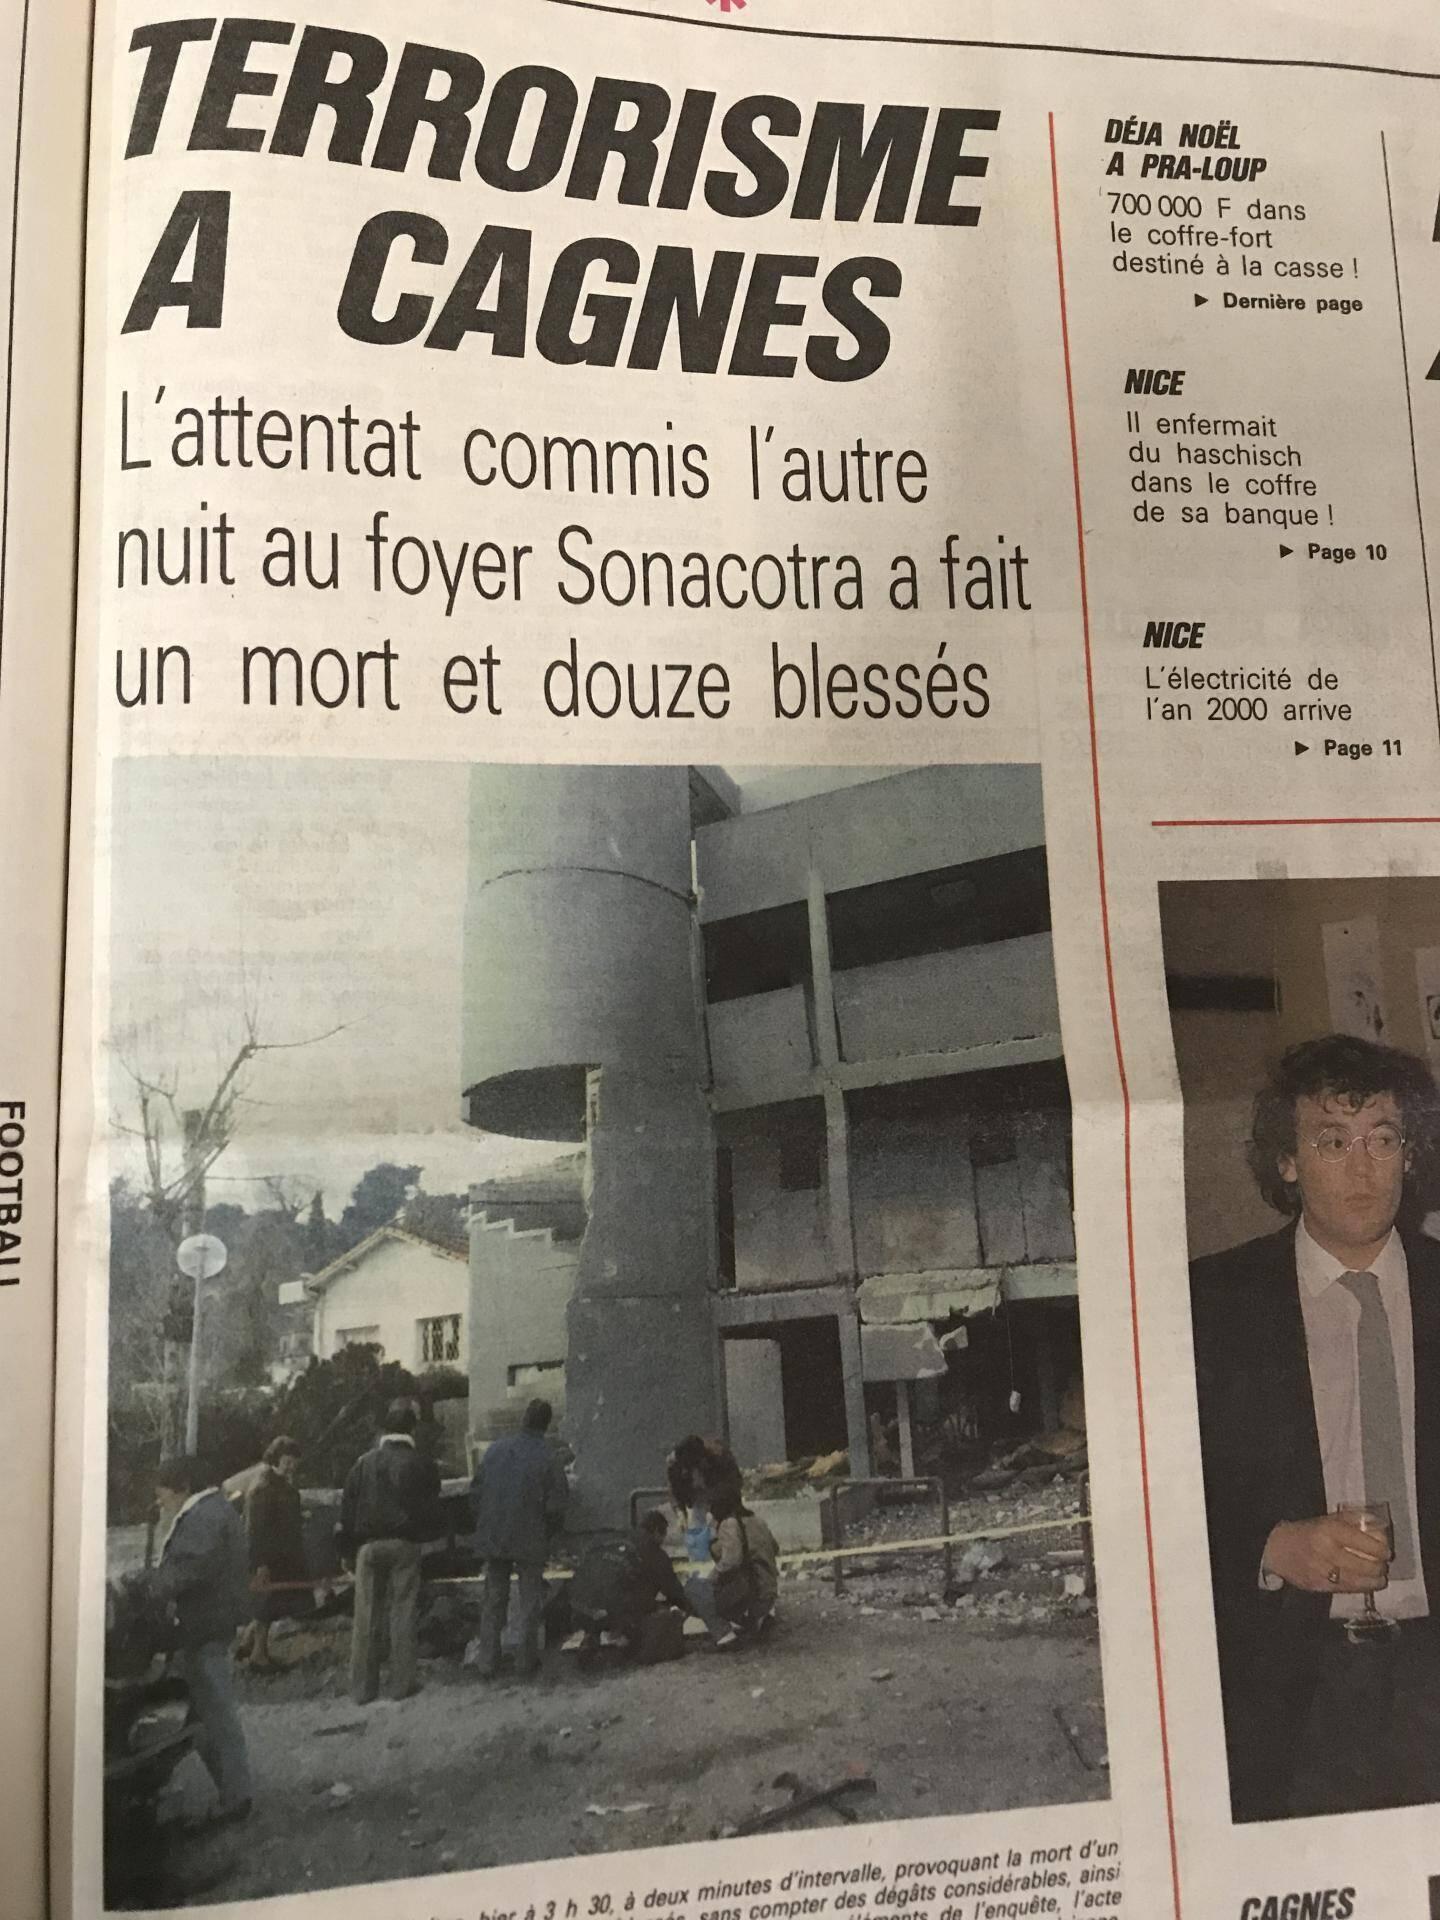 L'attentat de Cagnes-sur-Mer avait fait un mort – un ouvrier roumain de 48 ans – et une douzaine de blessés parmi les résidents du foyer Sonacotra.